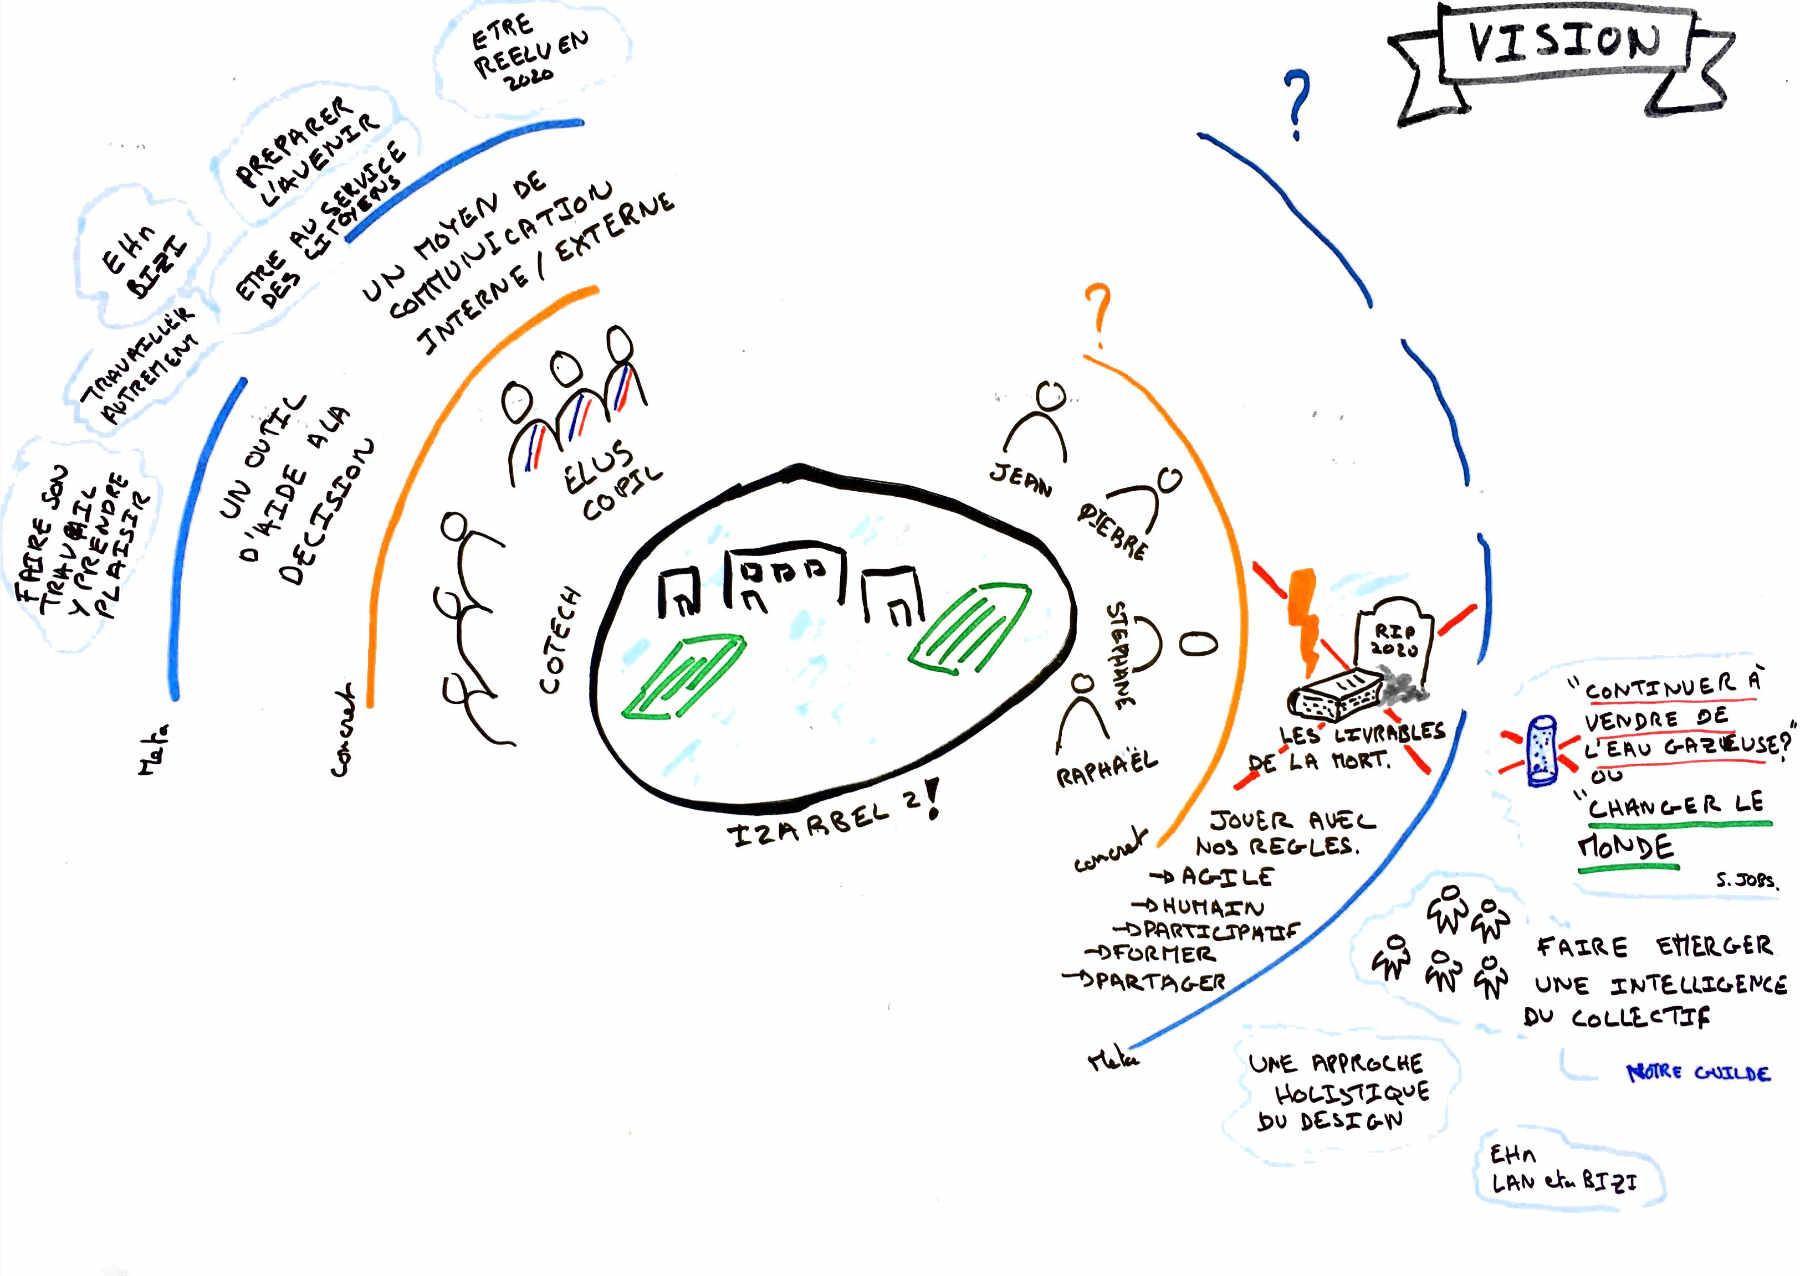 Principaux éléments de la vision d'un projet